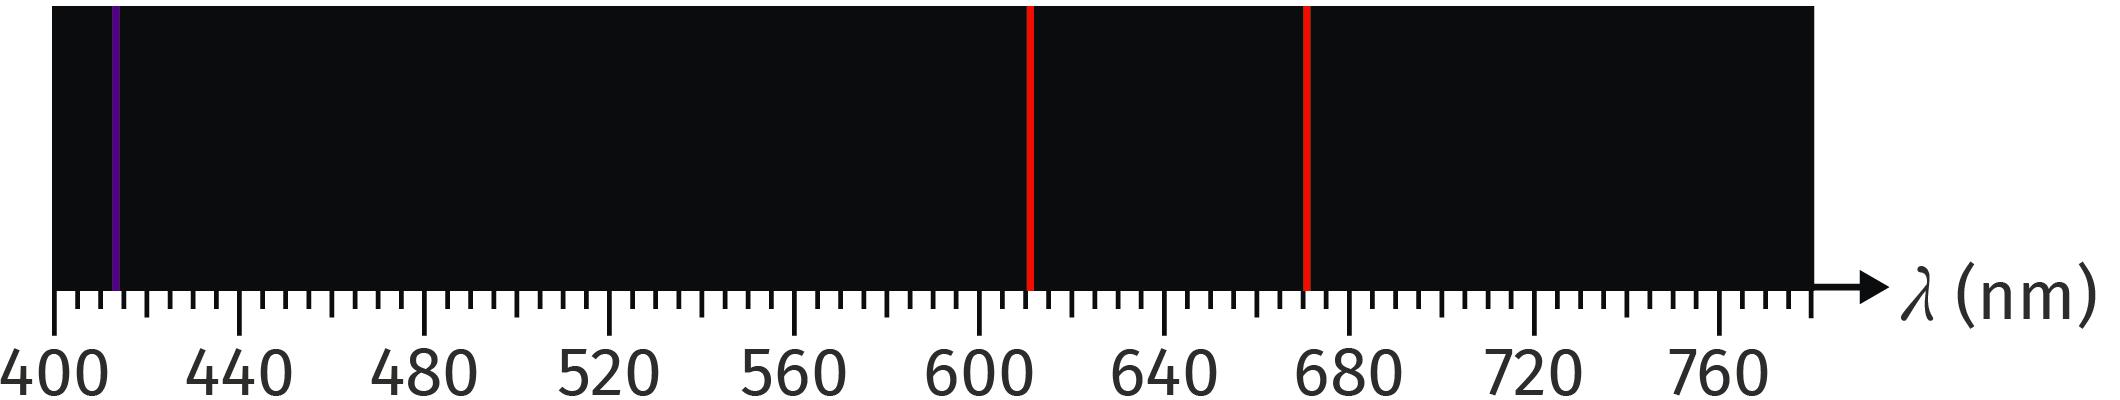 Le spectre d'émission du lithium